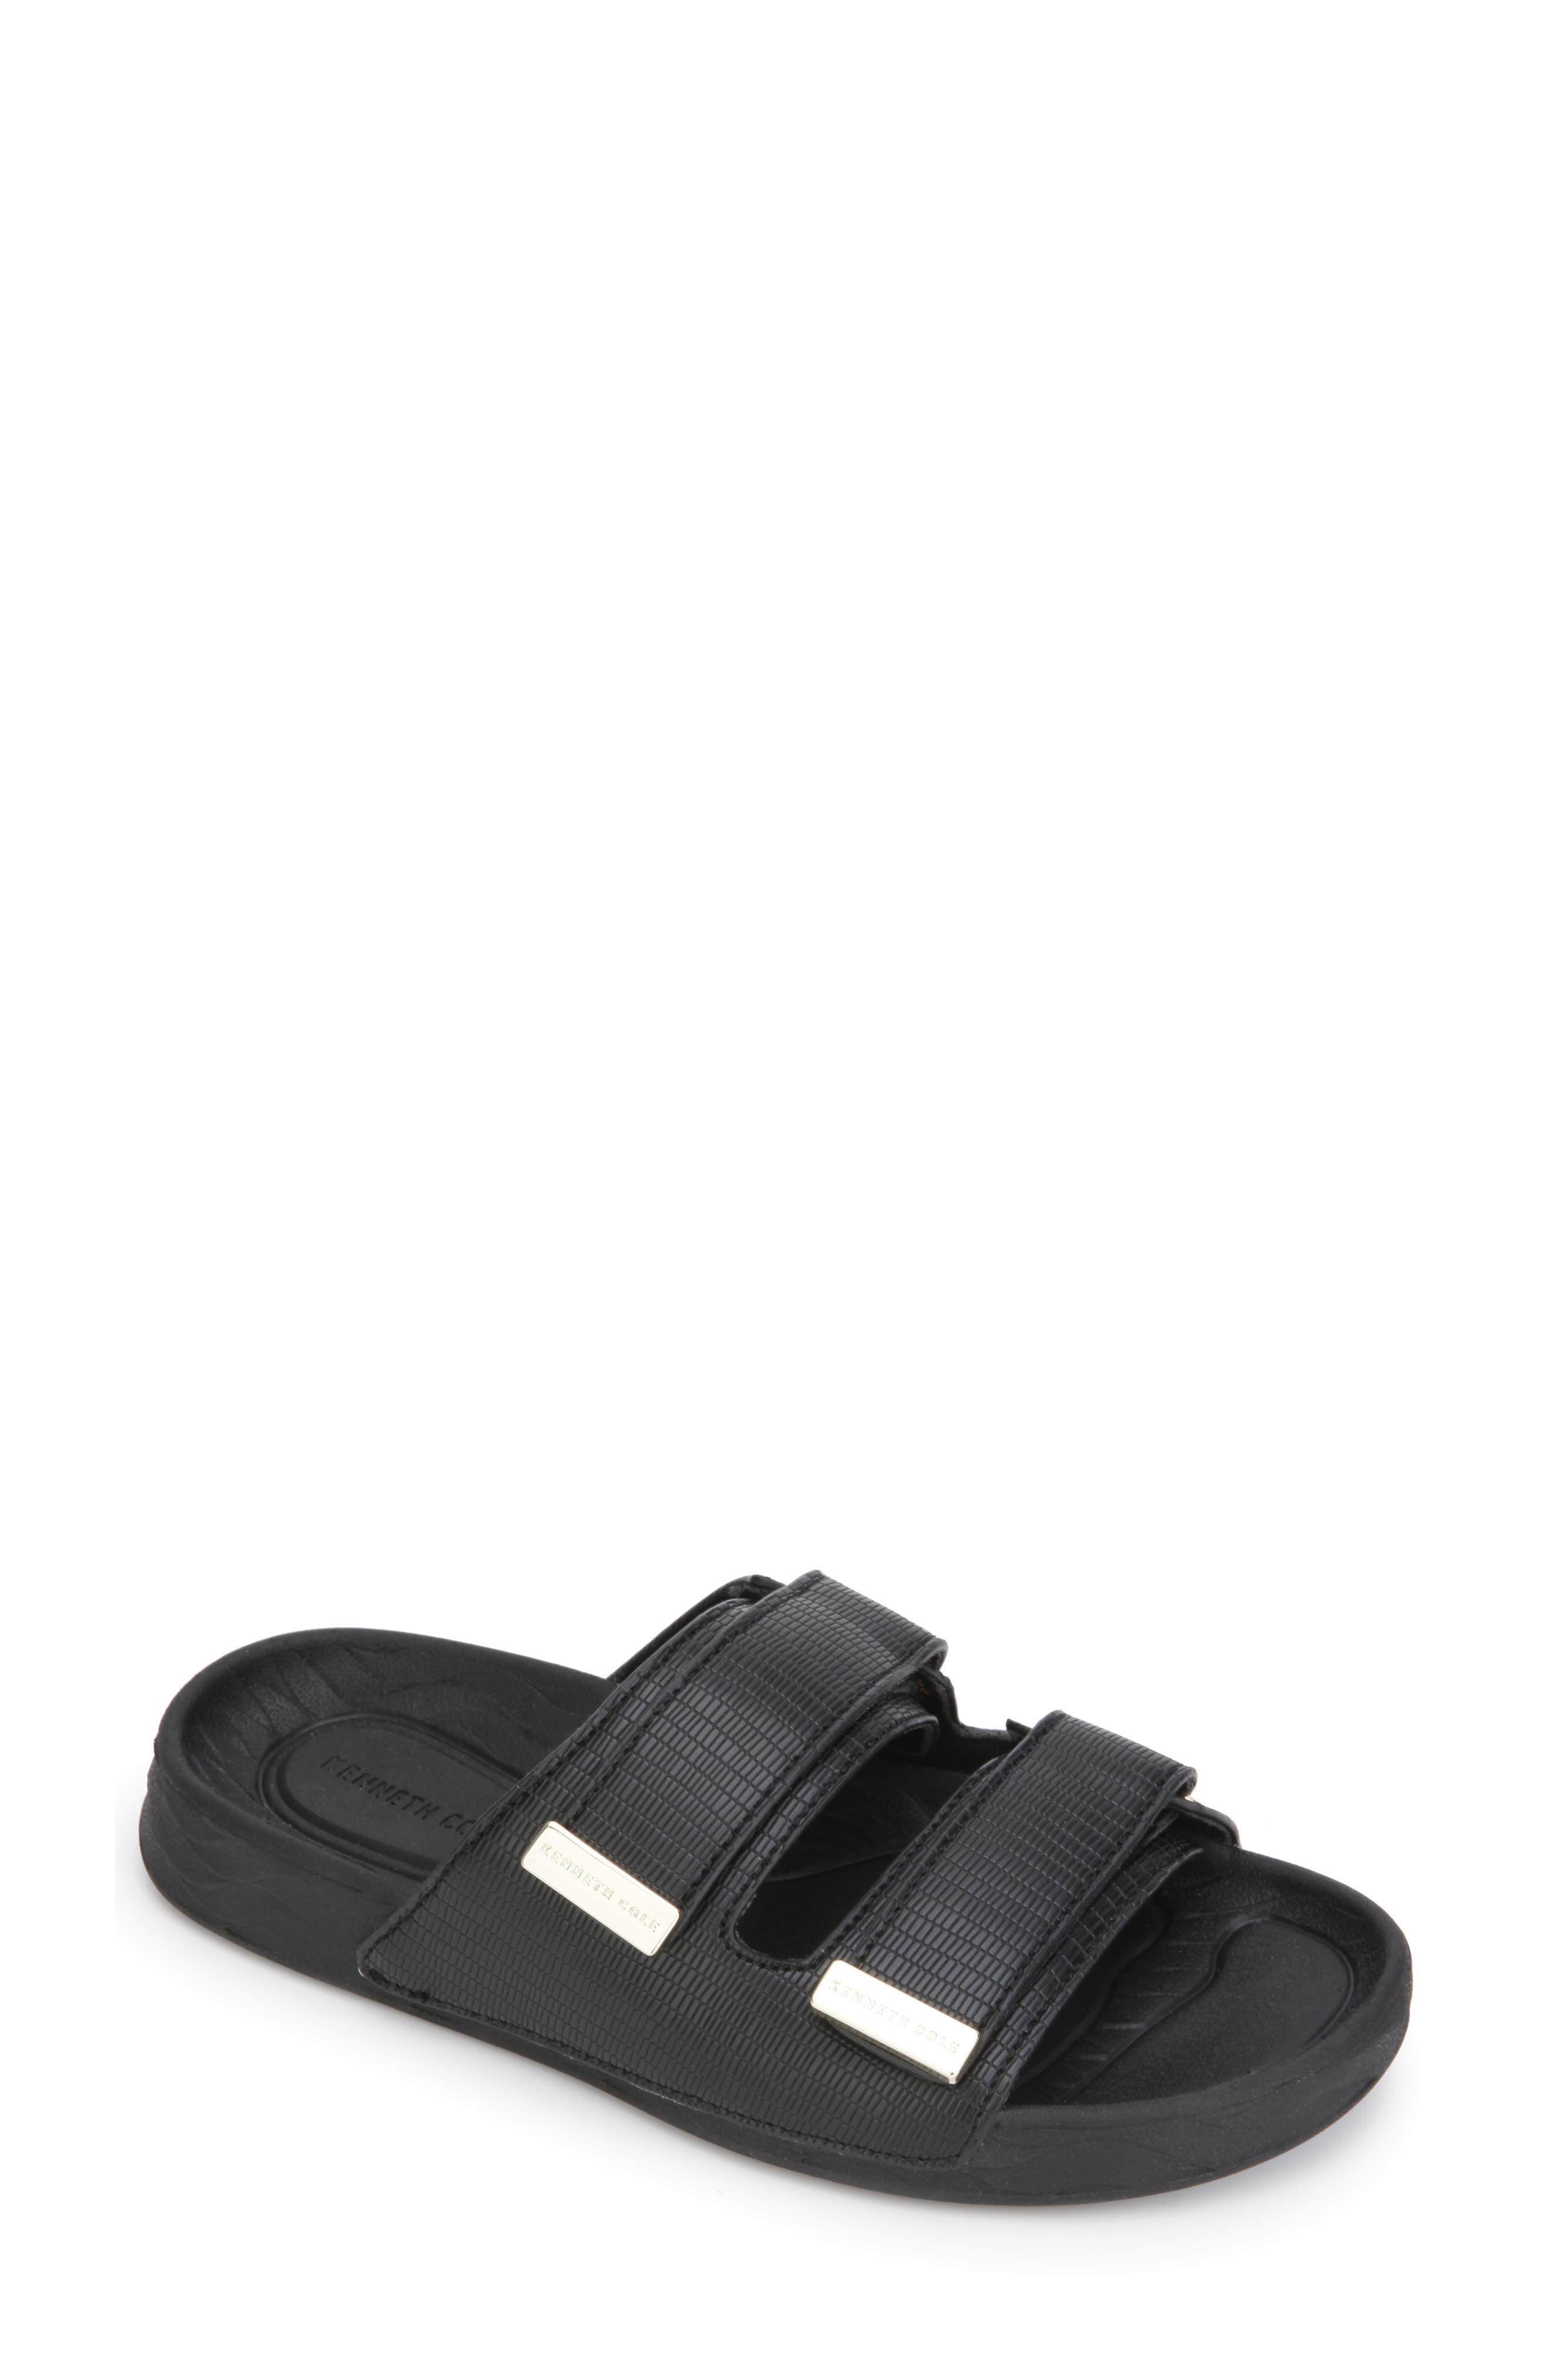 Nova Slide Sandal